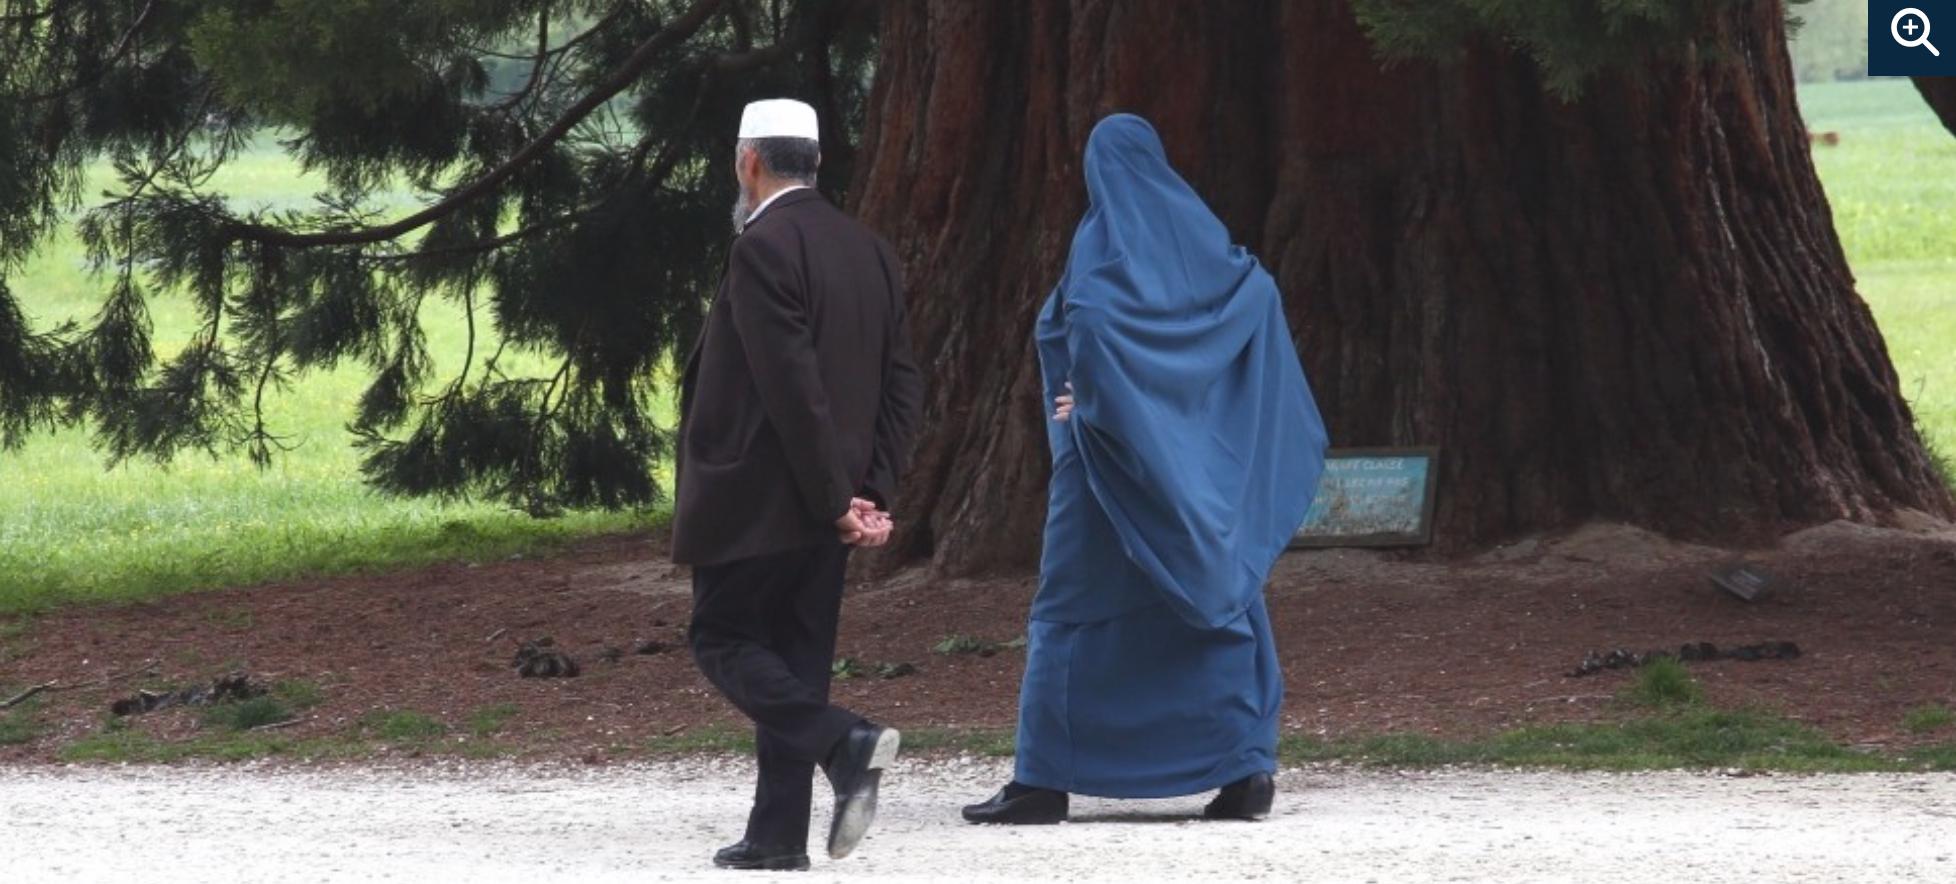 Sondage : les musulmans pratiqueraient 2 à 3 fois plus que les autres les «rapports non consentis»